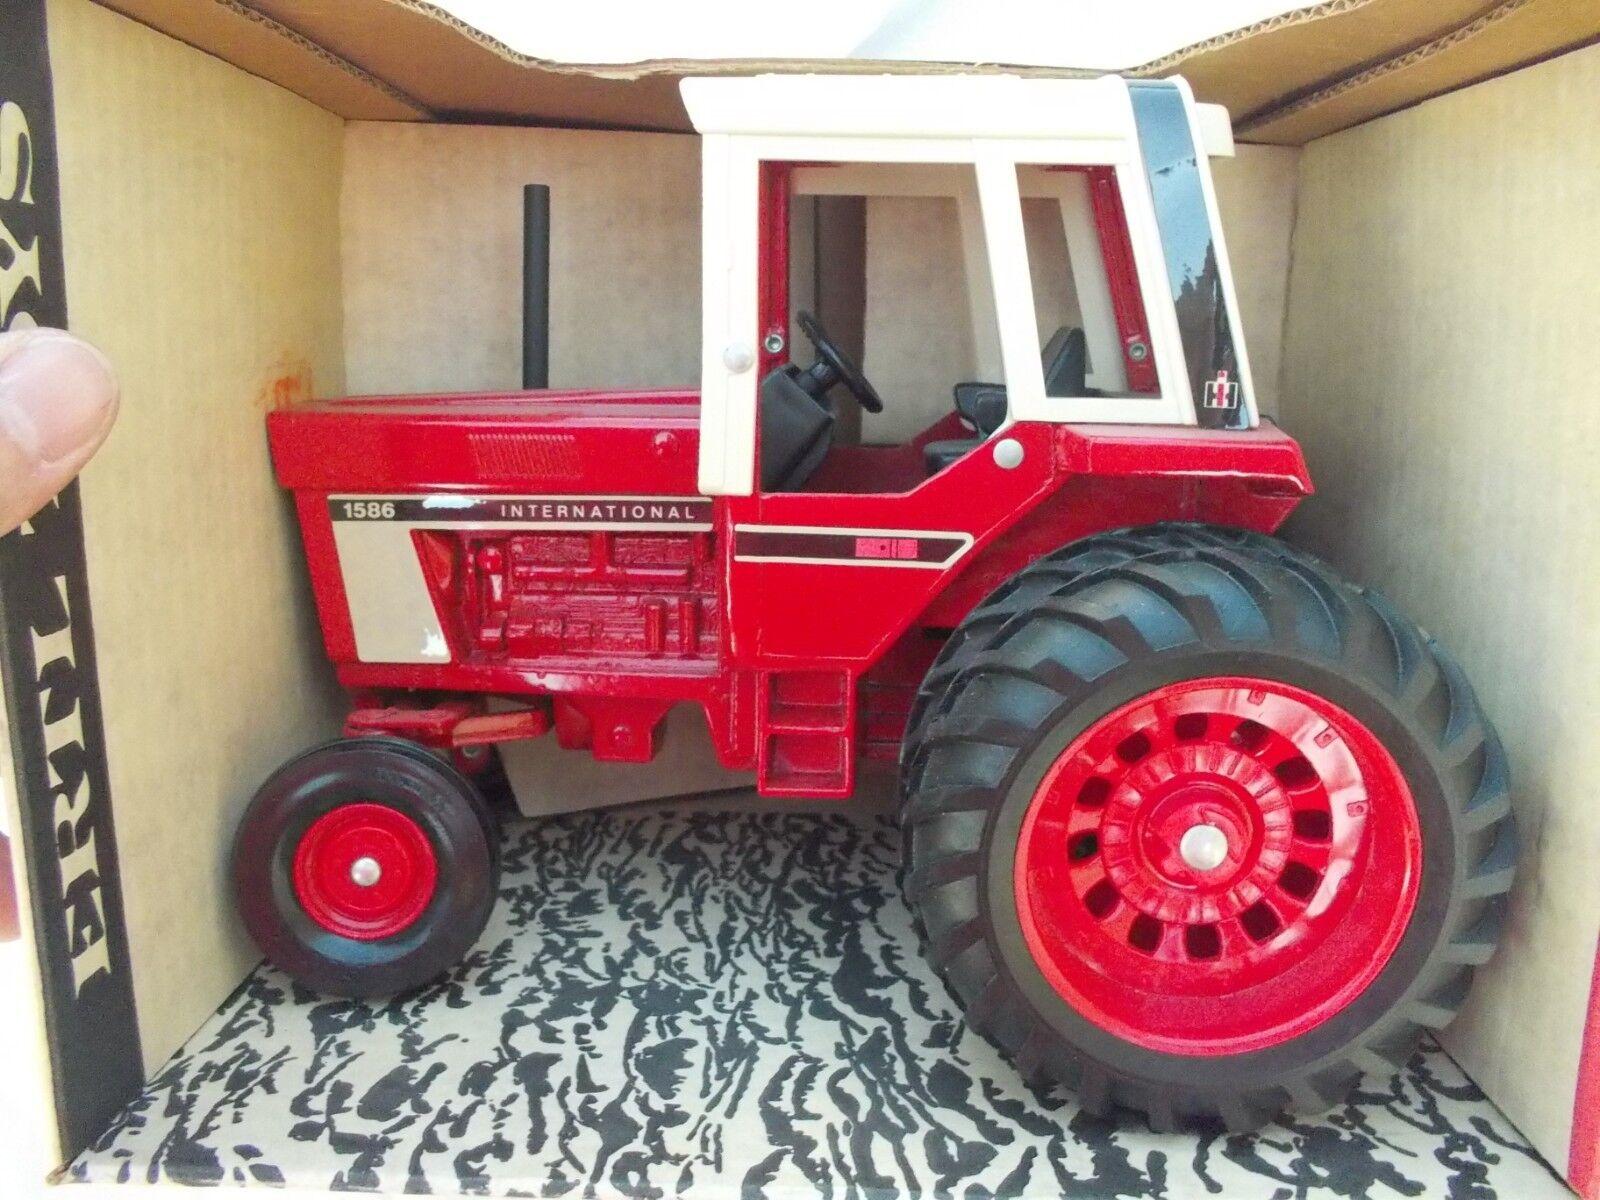 International 1586 tracteur  avec cabine IH échelle 1 16 Vintage ERTL co Neuf dans sa boîte en 463 Box  jusqu'à 42% de réduction